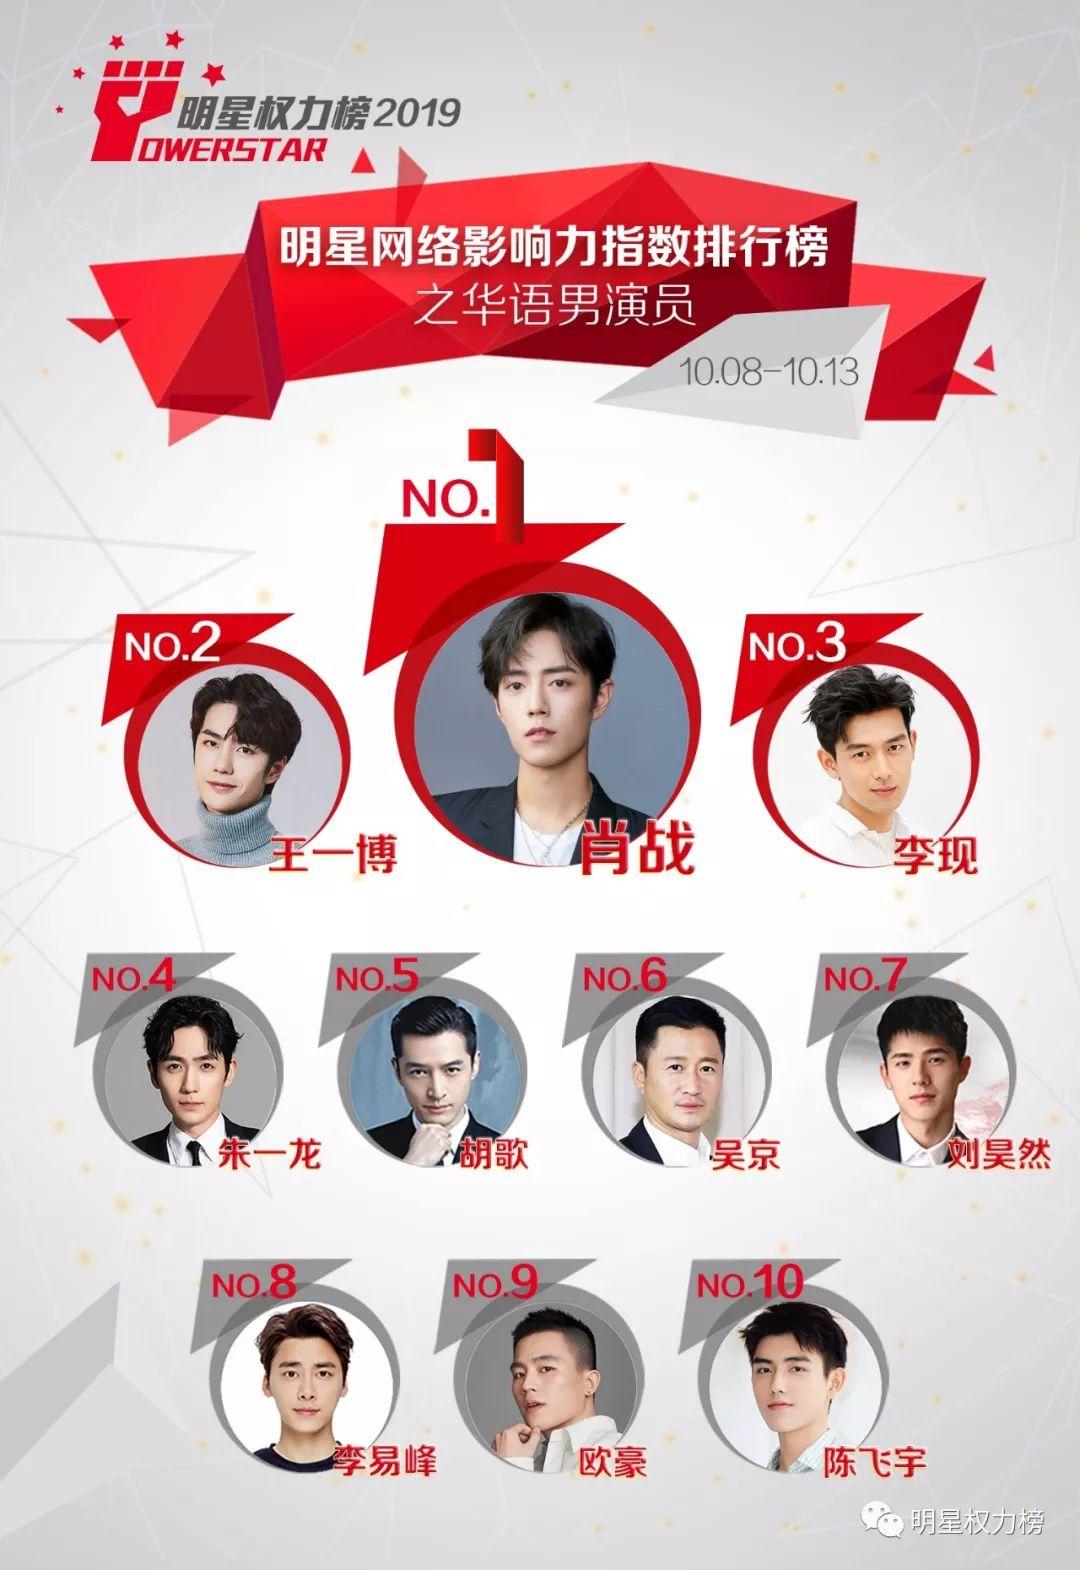 明星网络影响力指数排行榜第220期榜单之华语男演员Top10